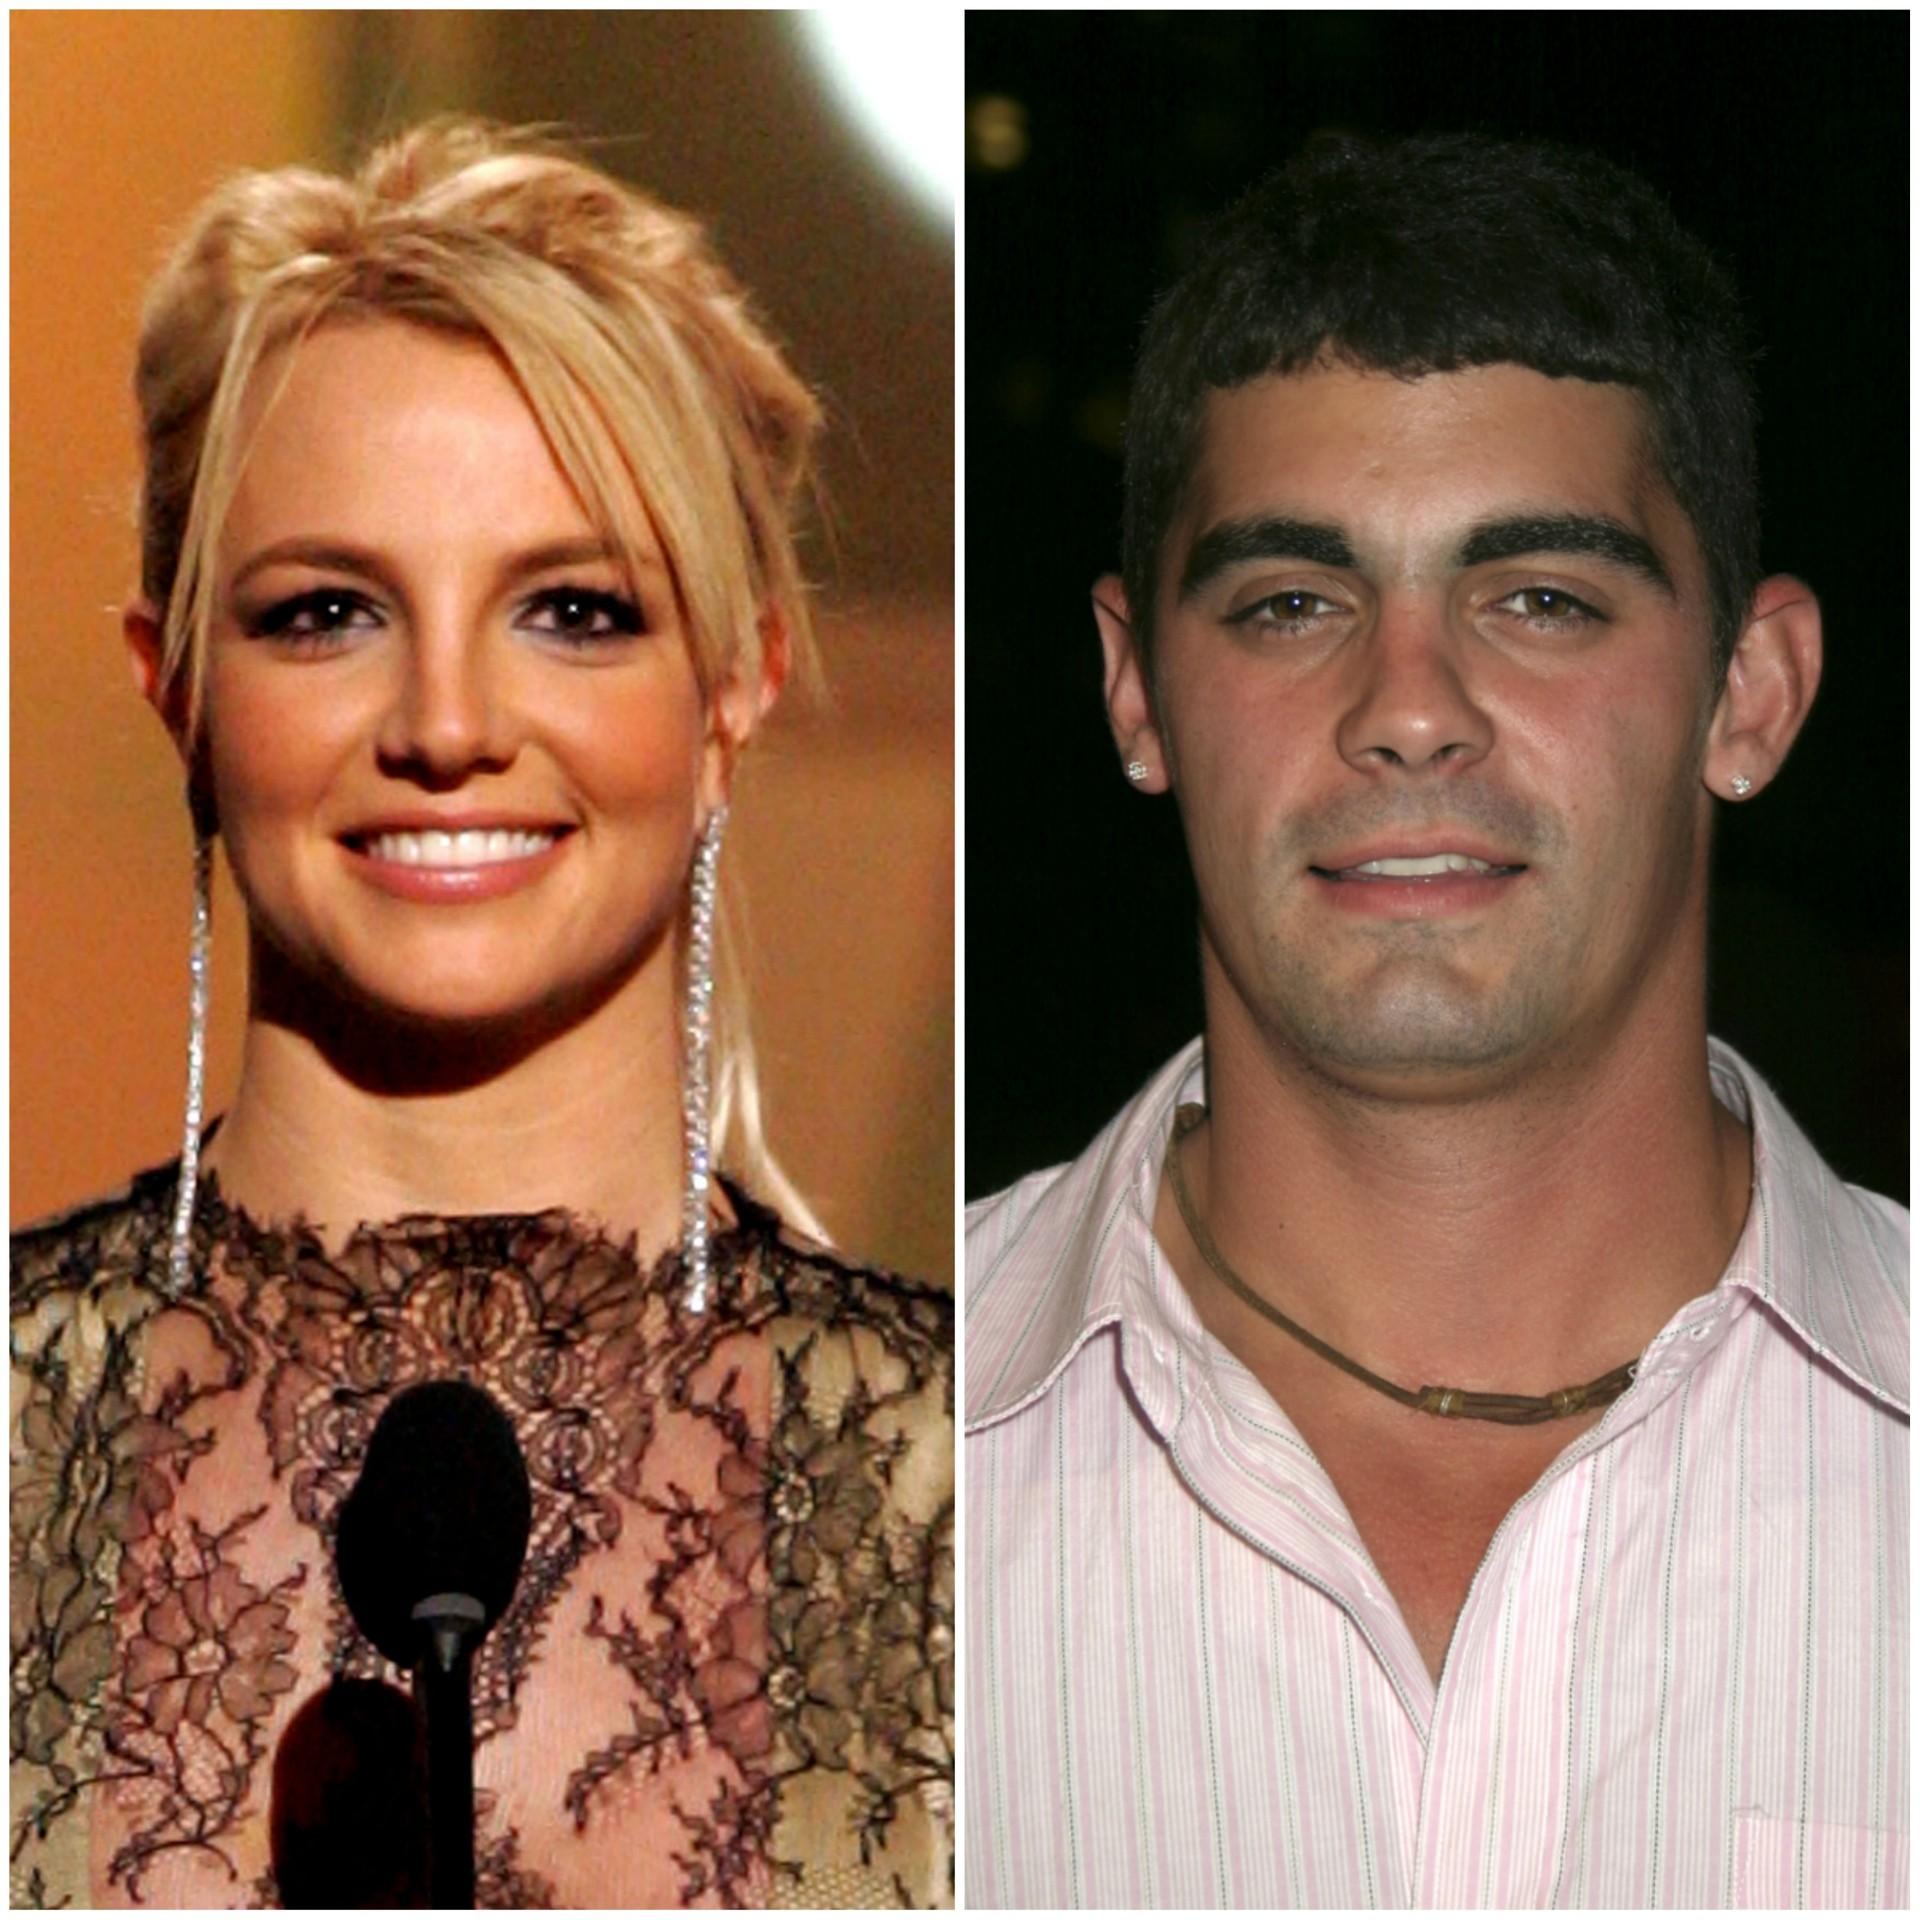 """Britney Spears, atualmente com 32 anos de idade, se casou com o amigo de infância Jason Alexander em Las Vegas, EUA. Mas anulou tudo 55 horas depois, afirmando que não conseguia entender o que estava fazendo na hora da cerimônia e se dizendo """"incapaz de concordar com o casamento"""". (Foto: Getty Images)"""